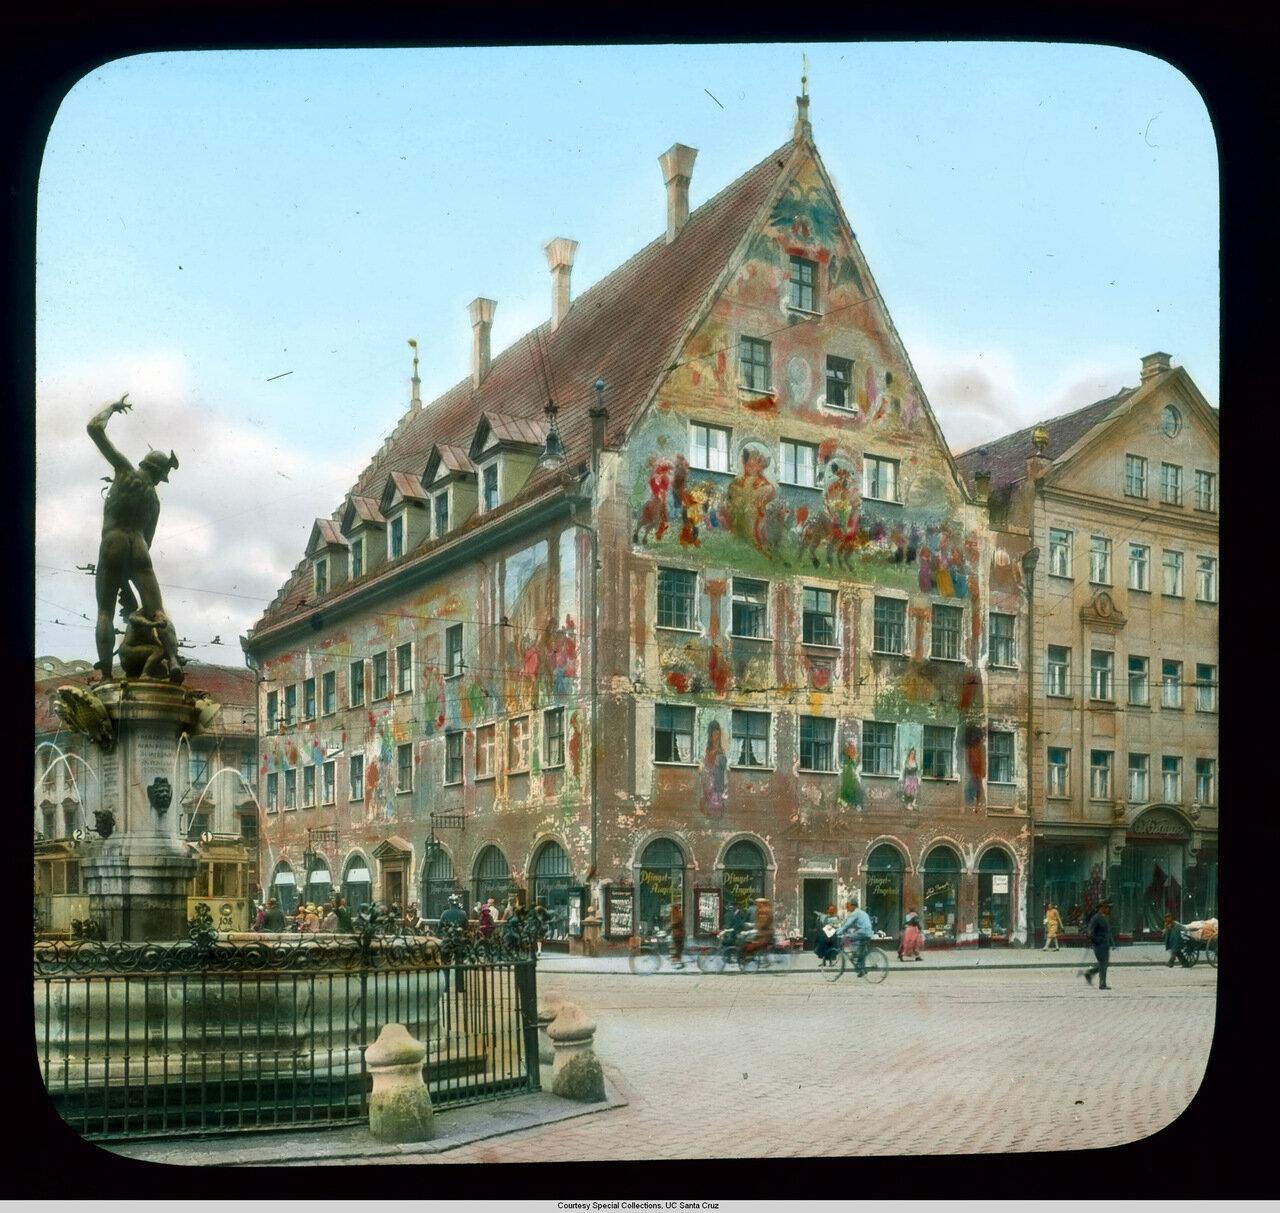 Аугсбург. Морицплатц со зданием Гильдии Ткачей и фонтаном Меркурия (1599)